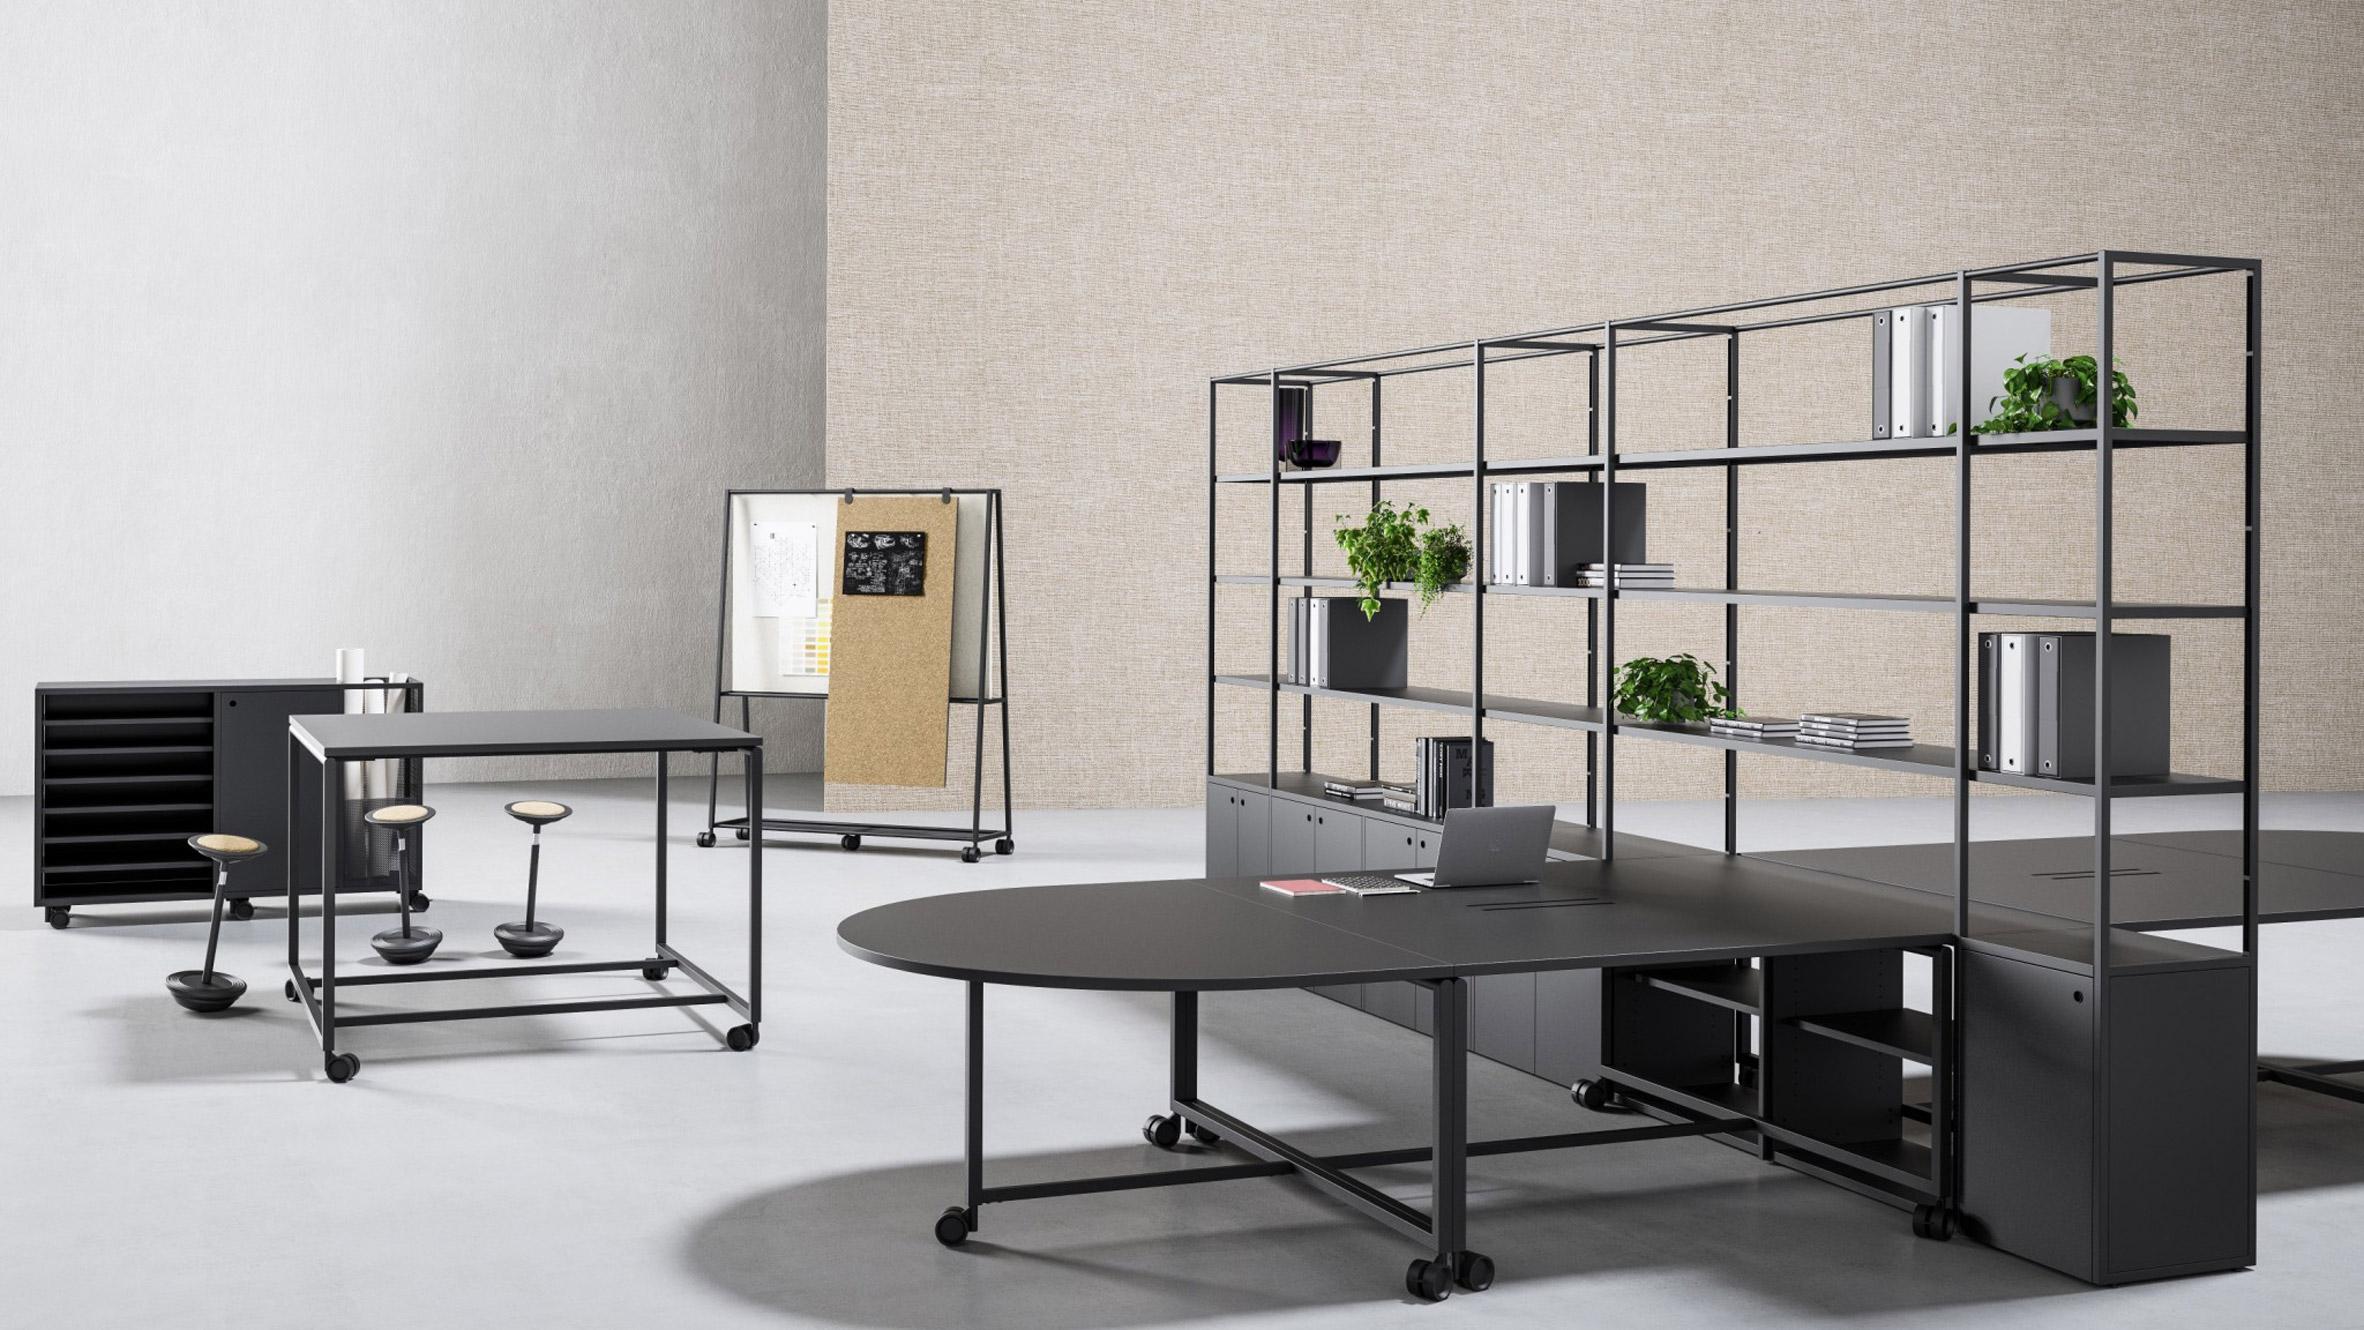 gensler designs modular furniture system to enable